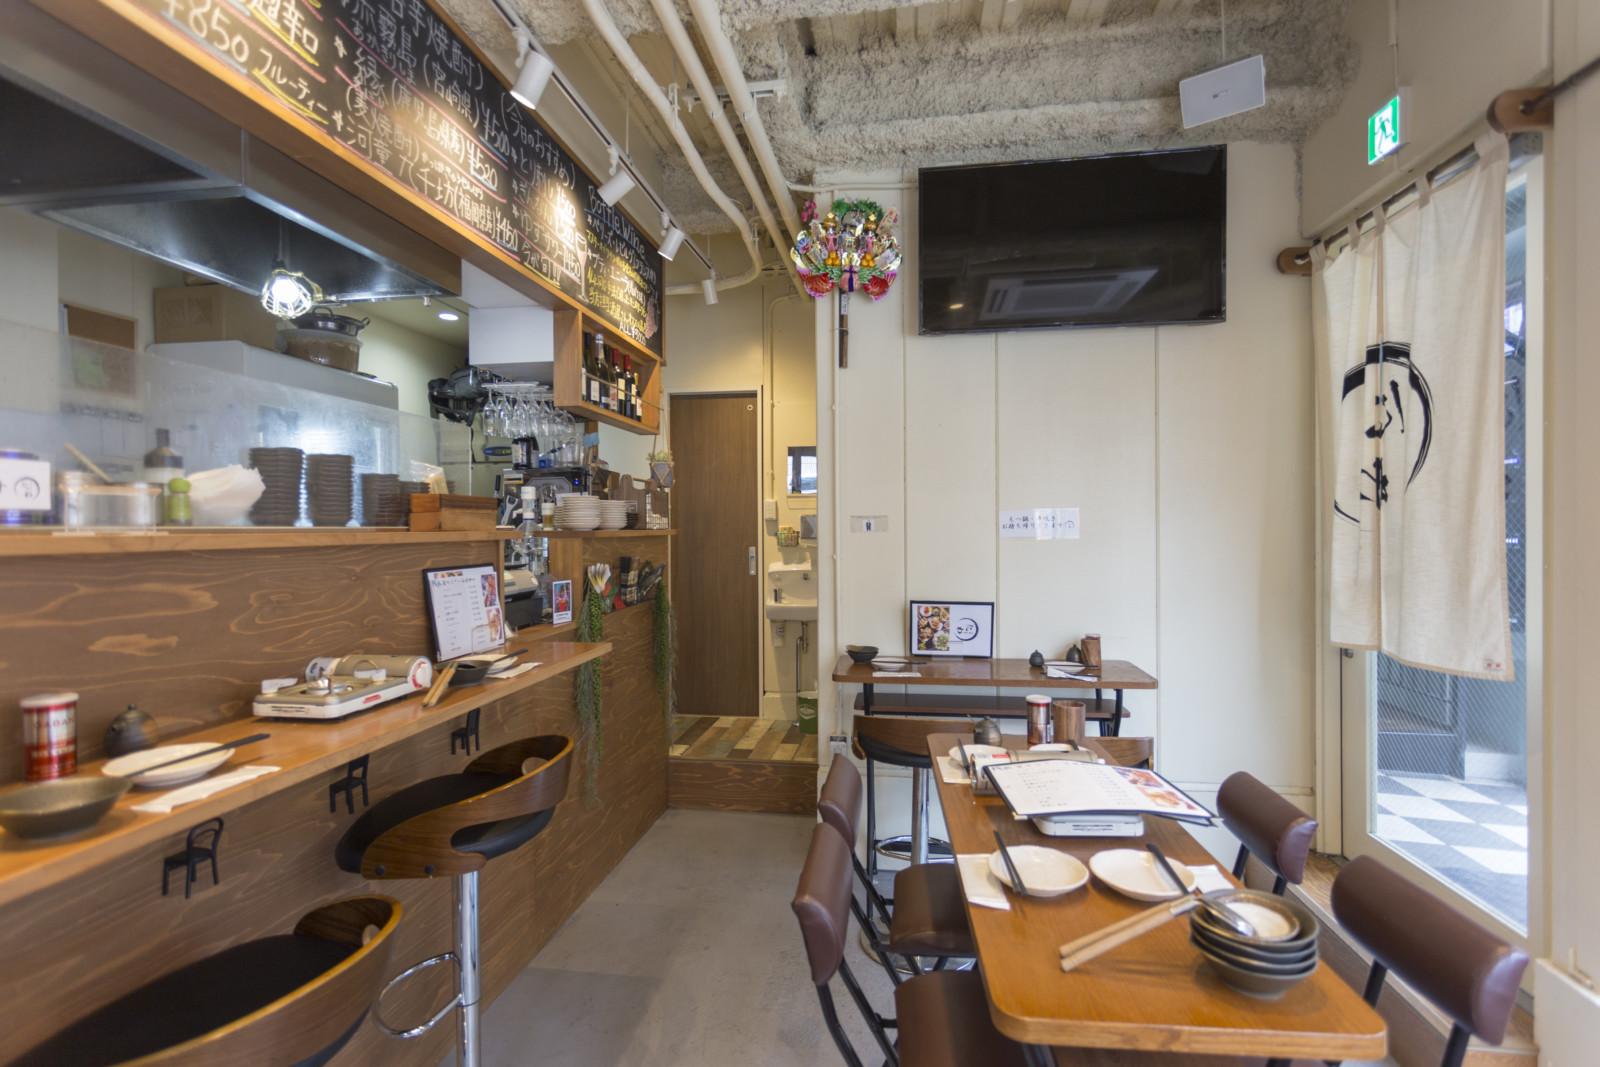 横浜の人気飲み屋街野毛で女性も入りやすいカフェ風居酒屋の店舗内装